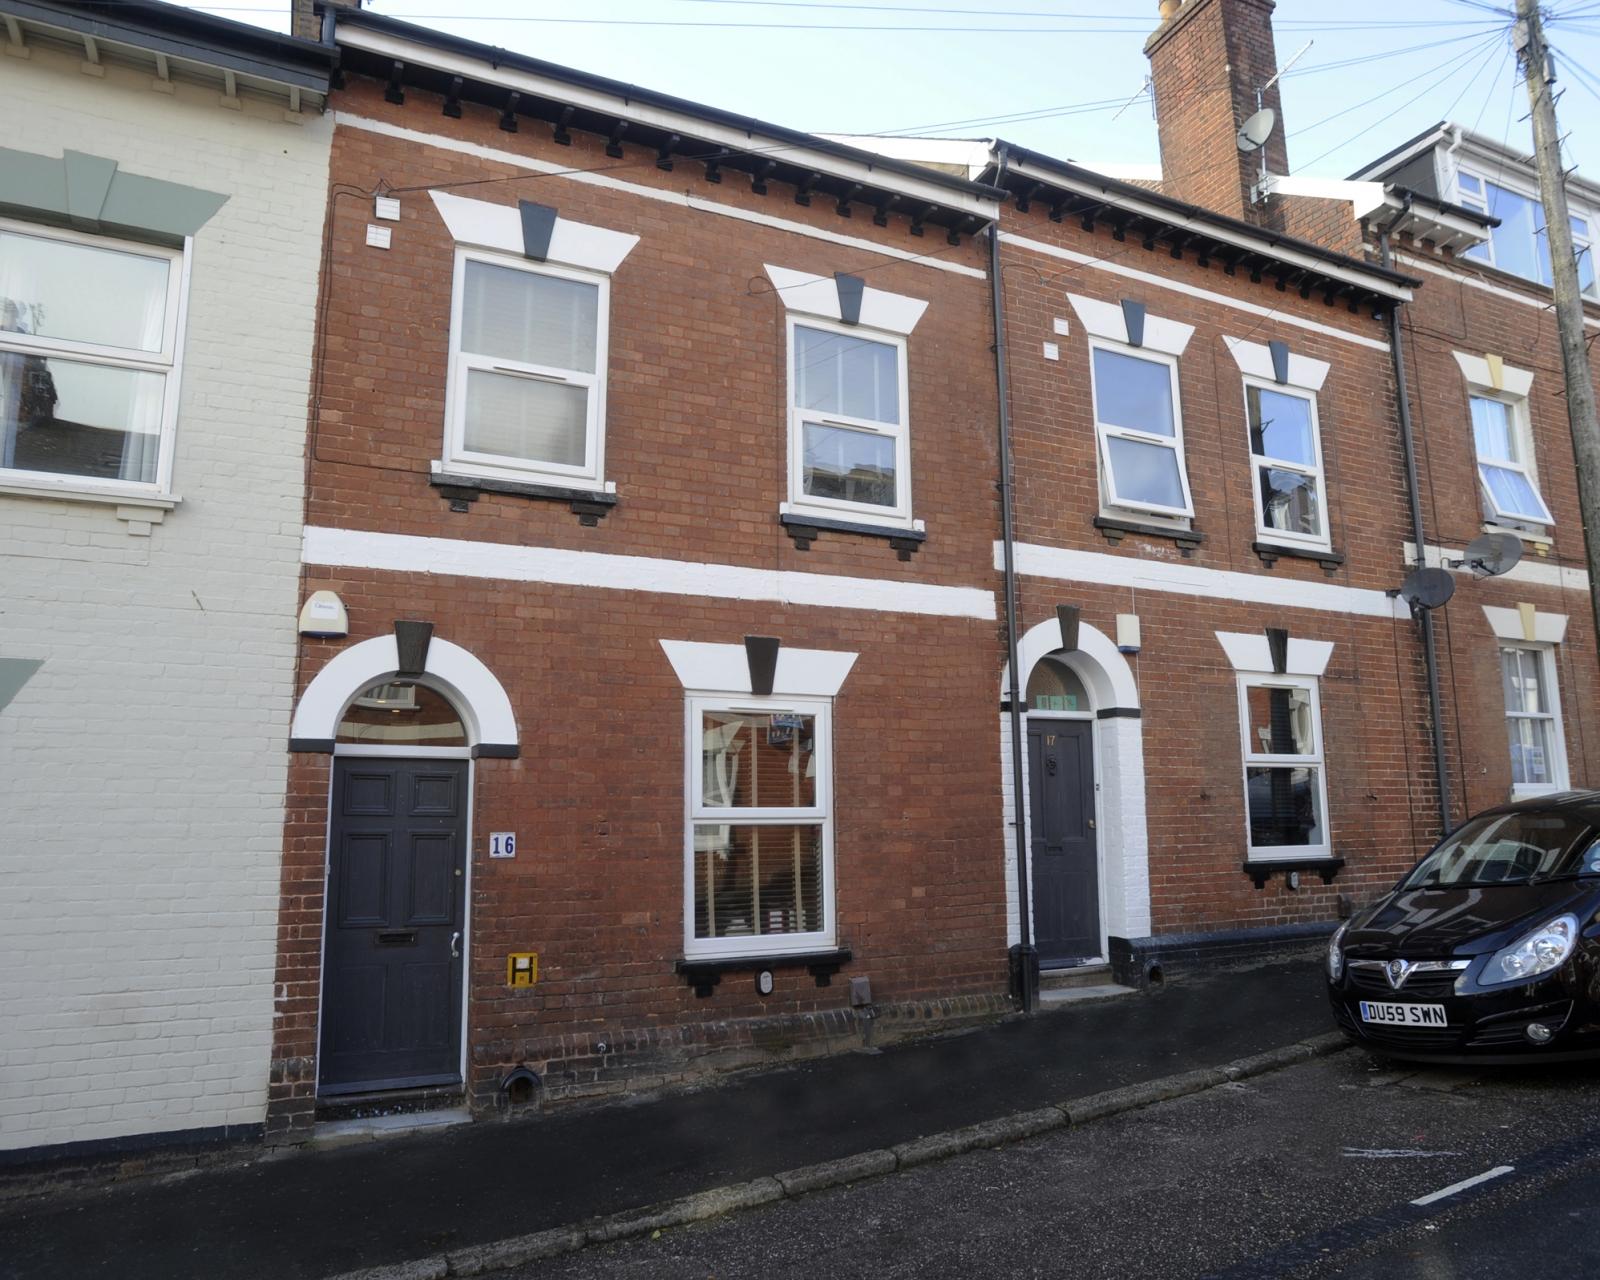 16 Victoria Street, Exeter